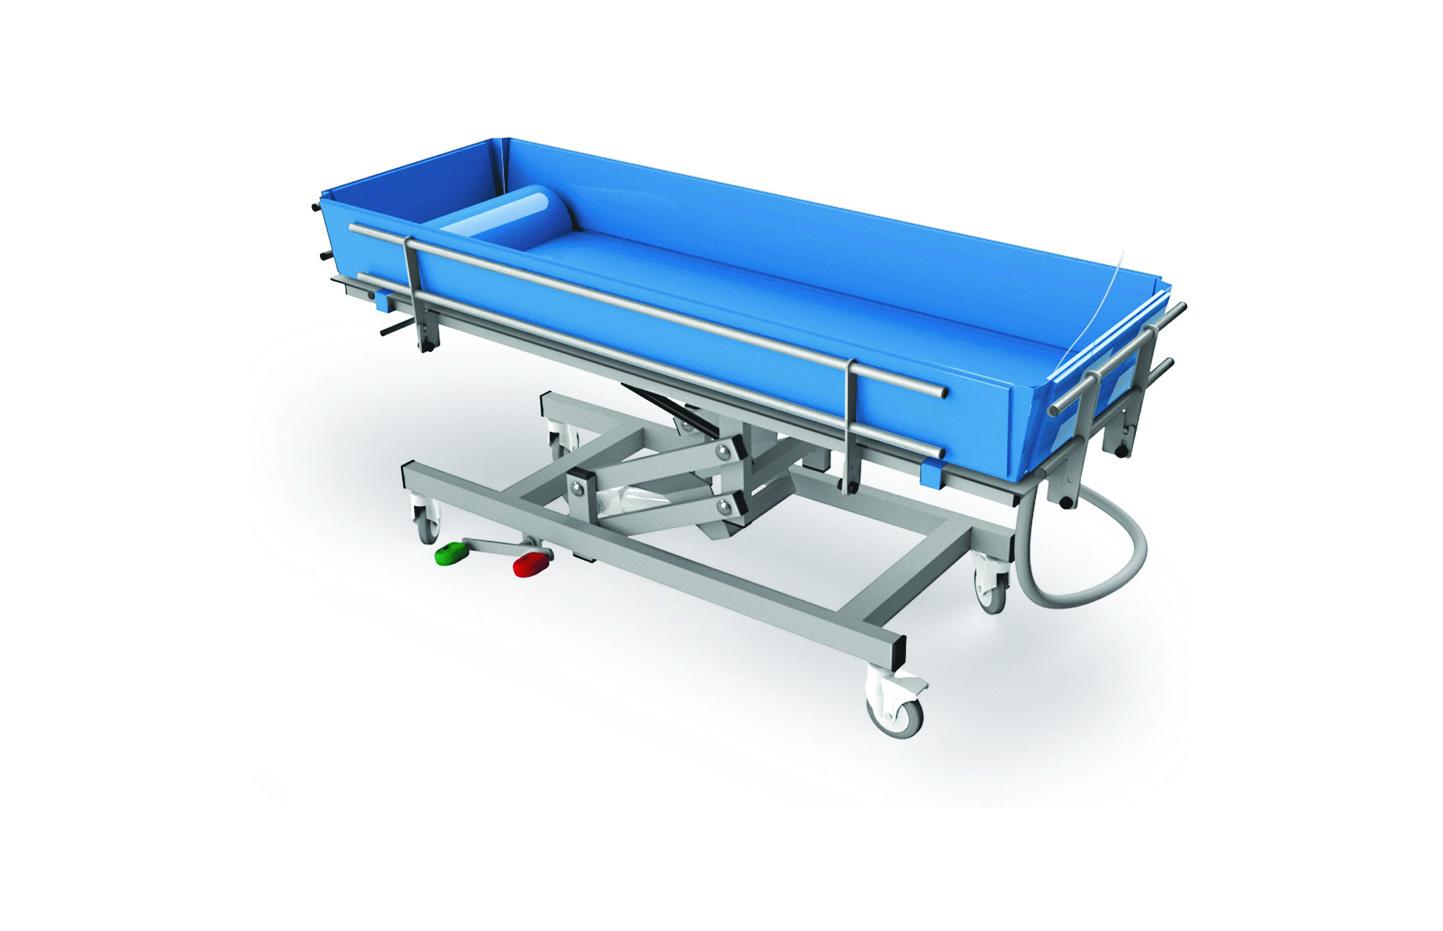 Carro de banho azul com estrutura em alumínio vista de perfil